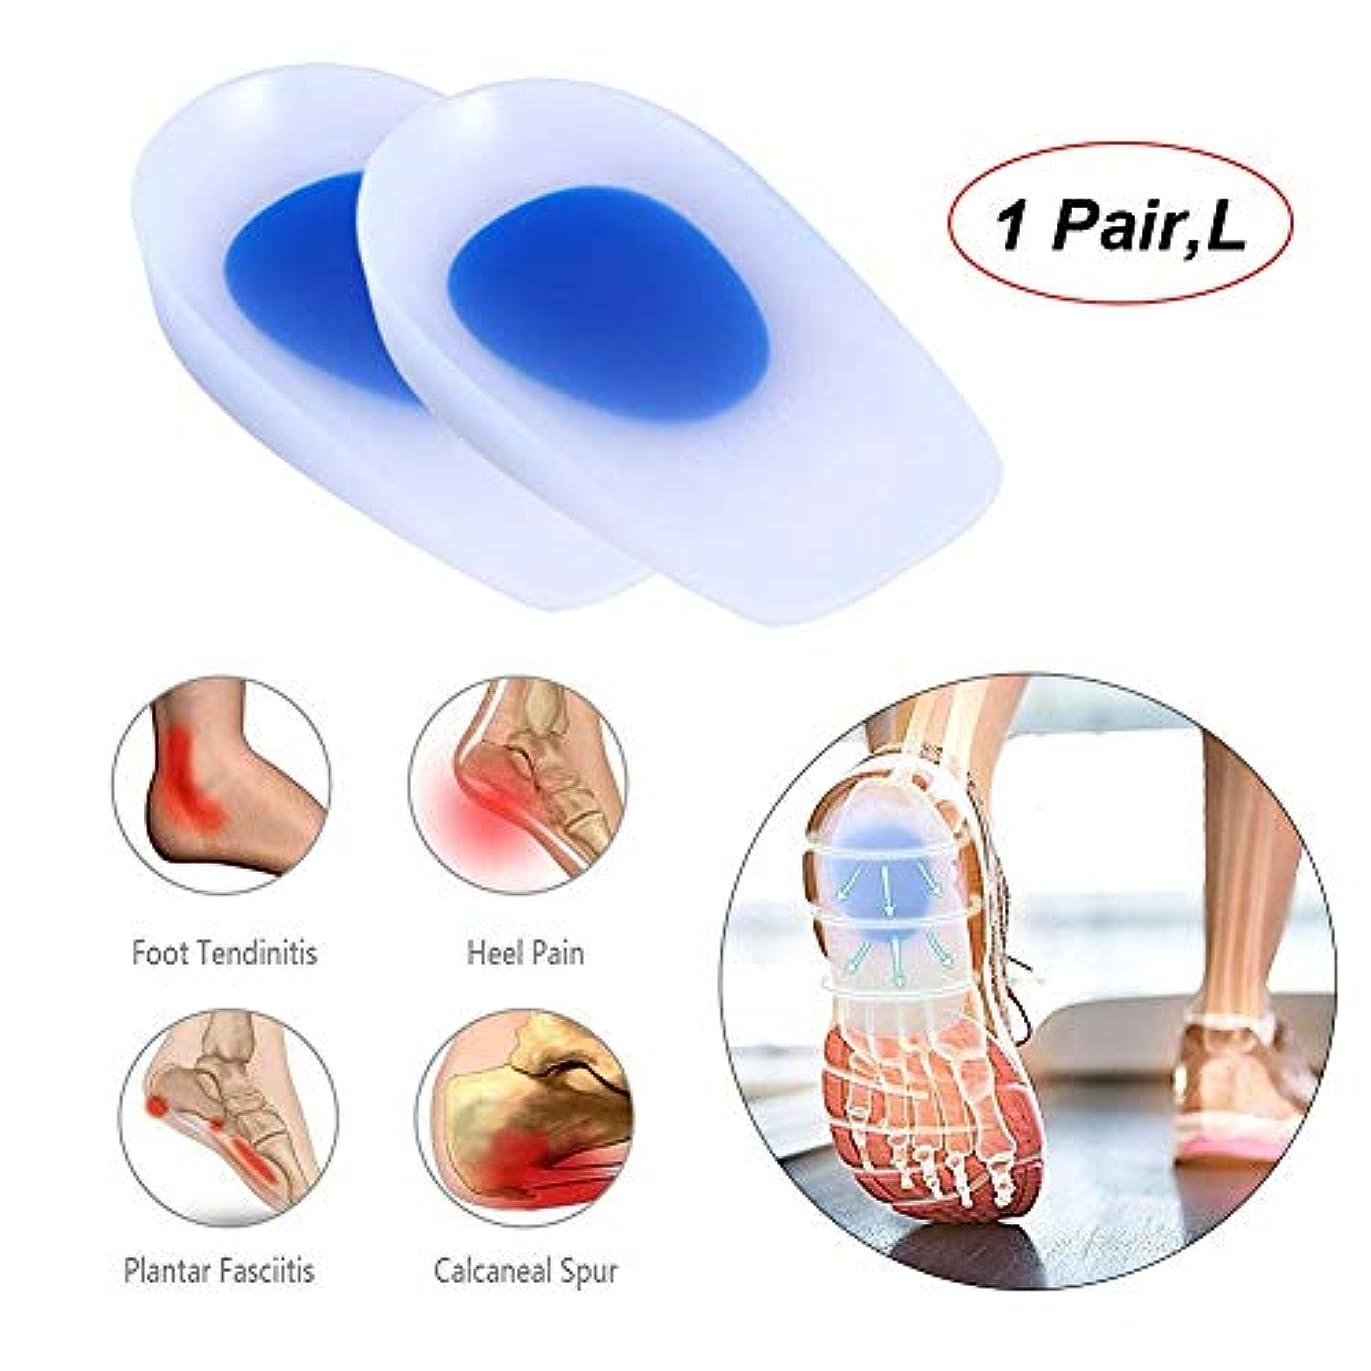 ロックアテンダントジャニス足底筋膜炎インサート、ヒールカップ、ヒールヒールパッドに最適なジェルヒールパッドクッション、アキレス腱炎、男性と女性用、1ペアL